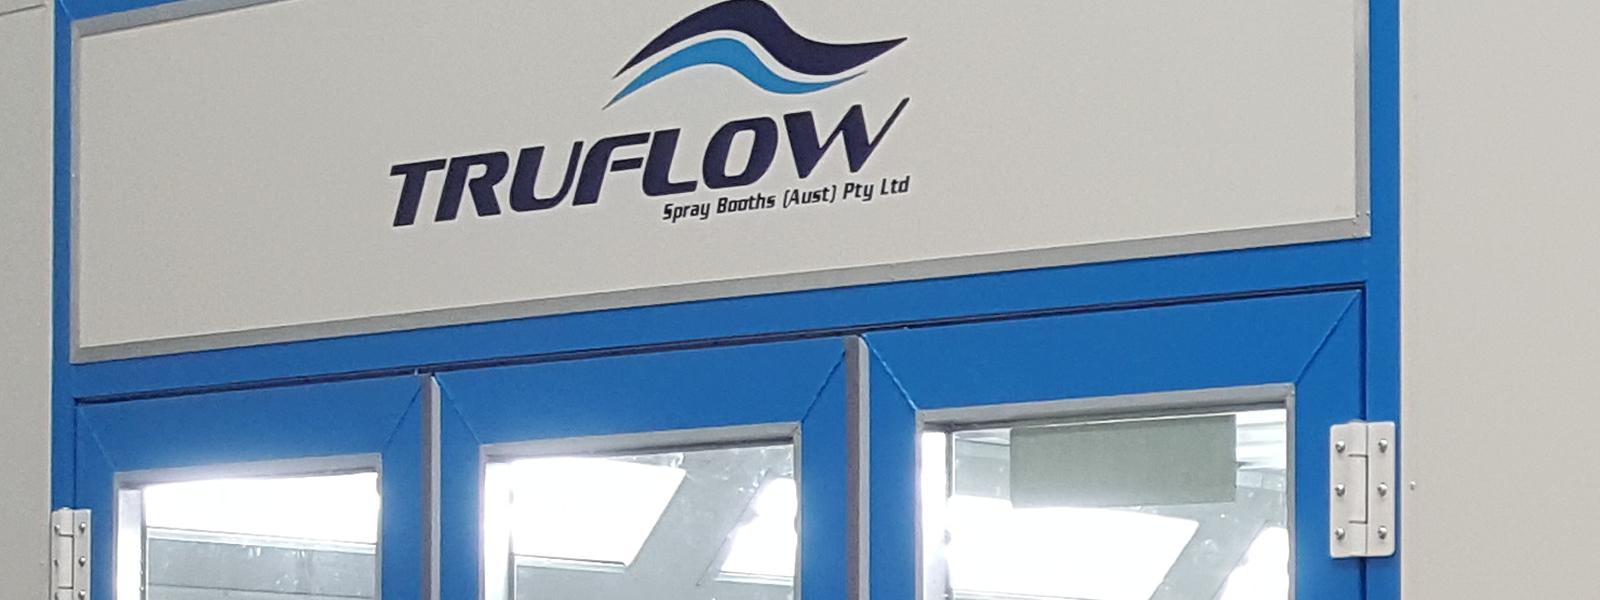 Truflow Spray Booths facia panel